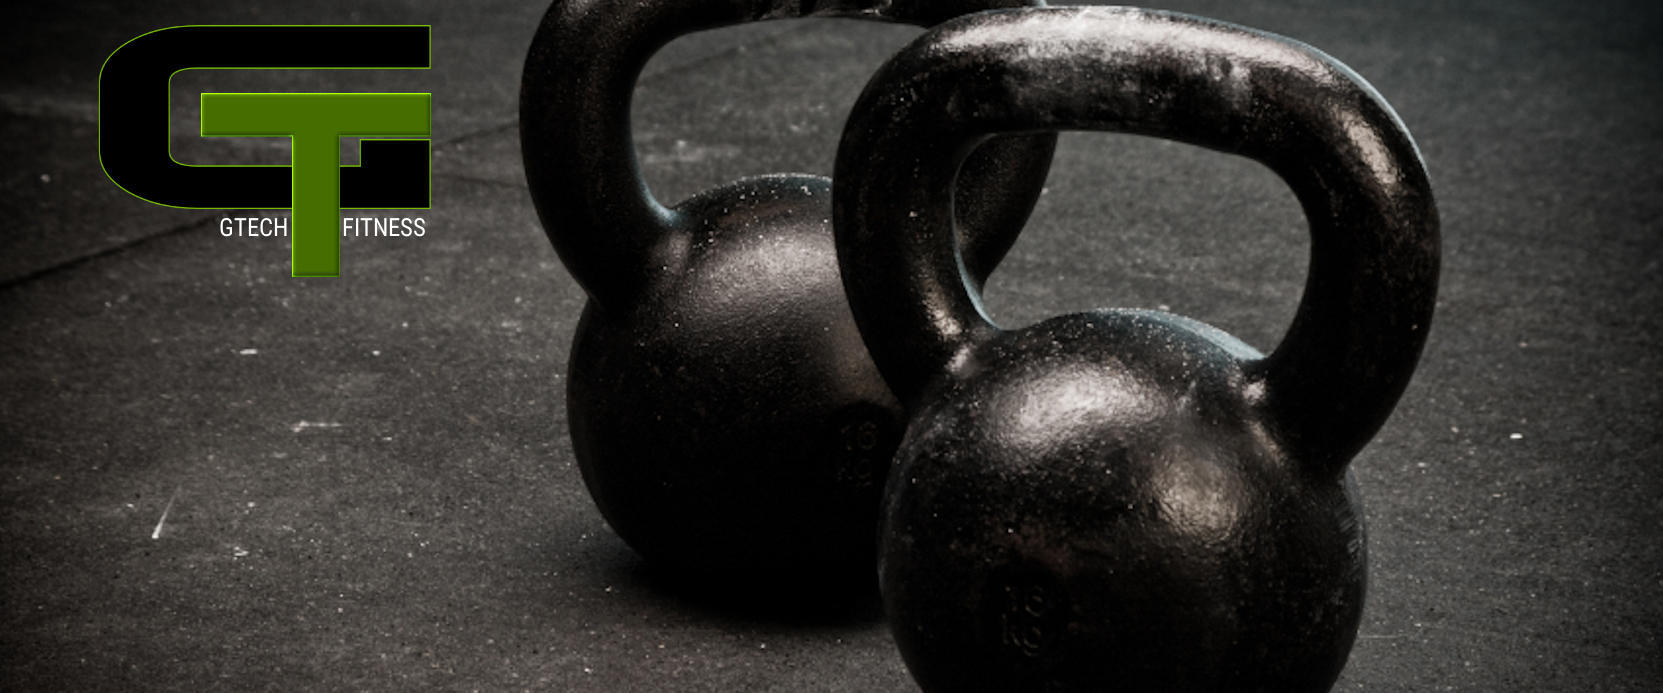 Gtech Fitness Equipment